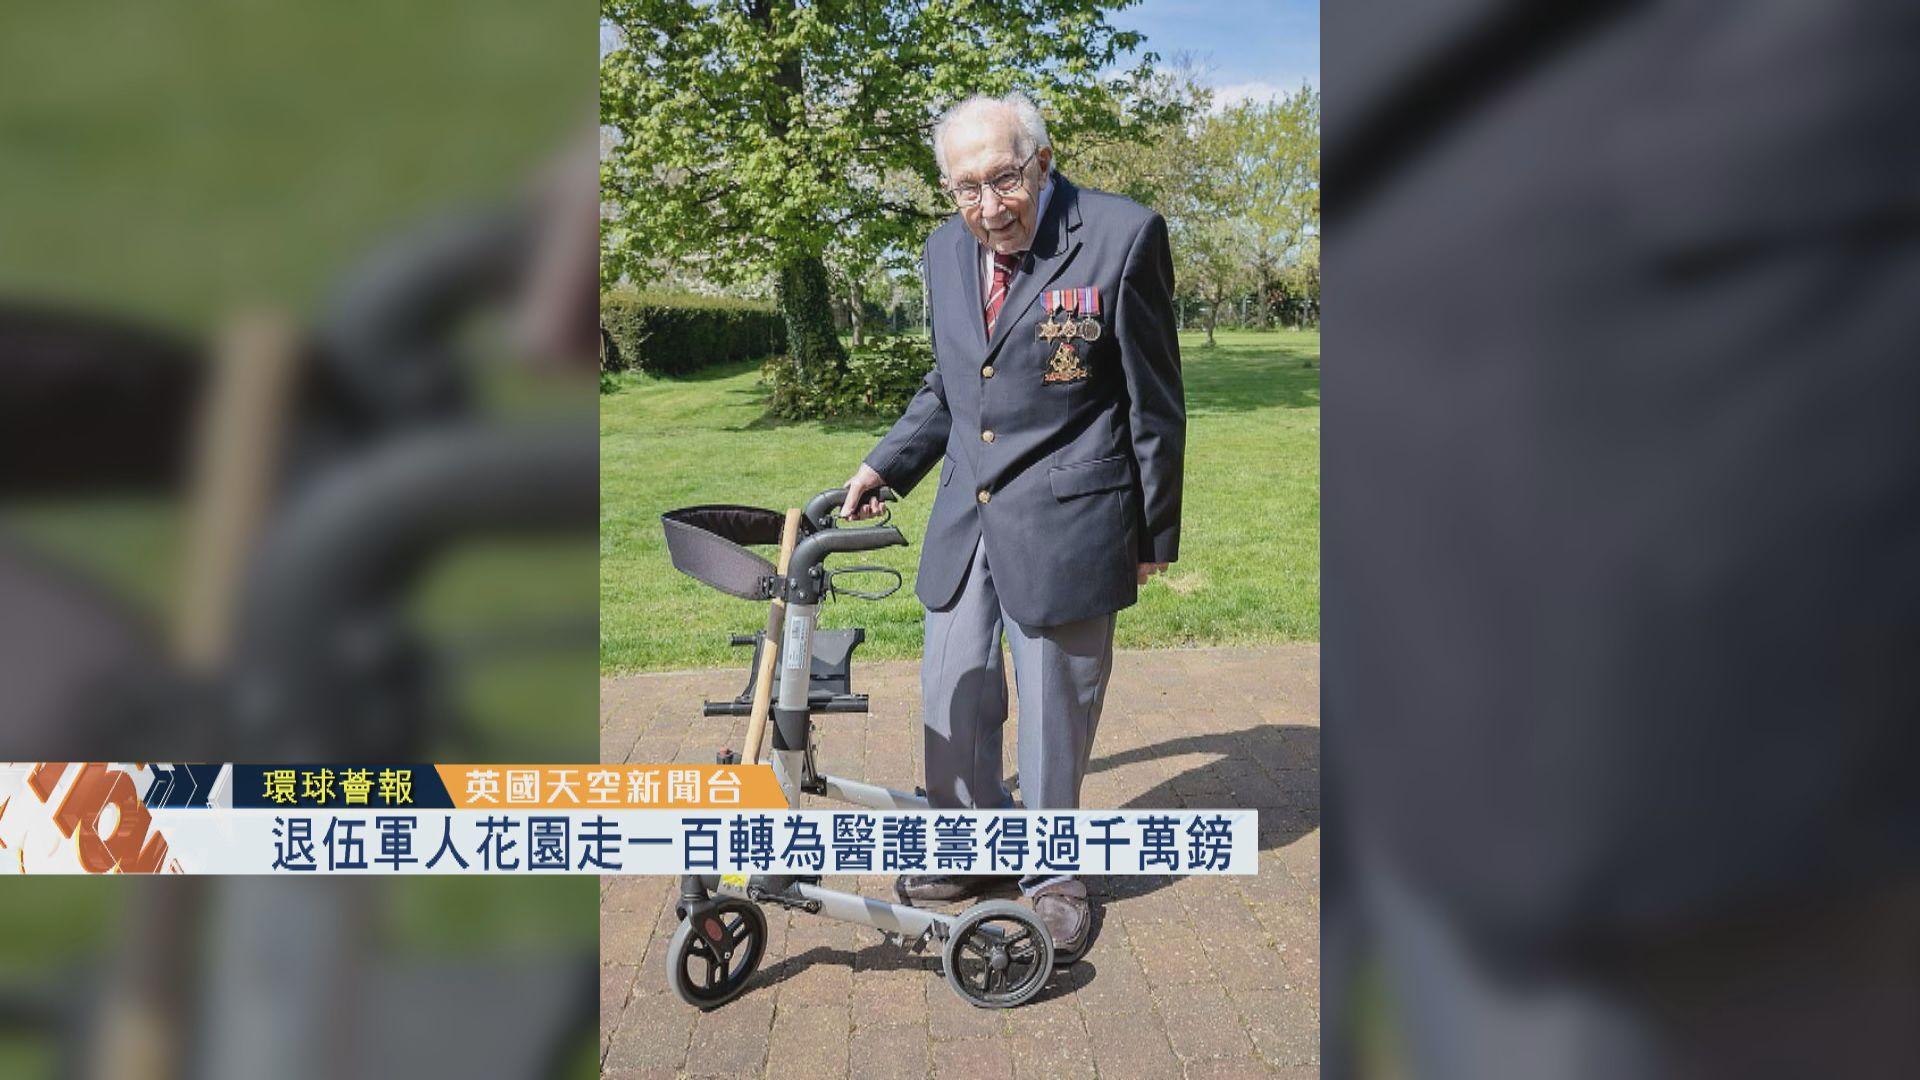 【環球薈報】退伍軍人花園走百轉為醫護籌得過千萬英鎊